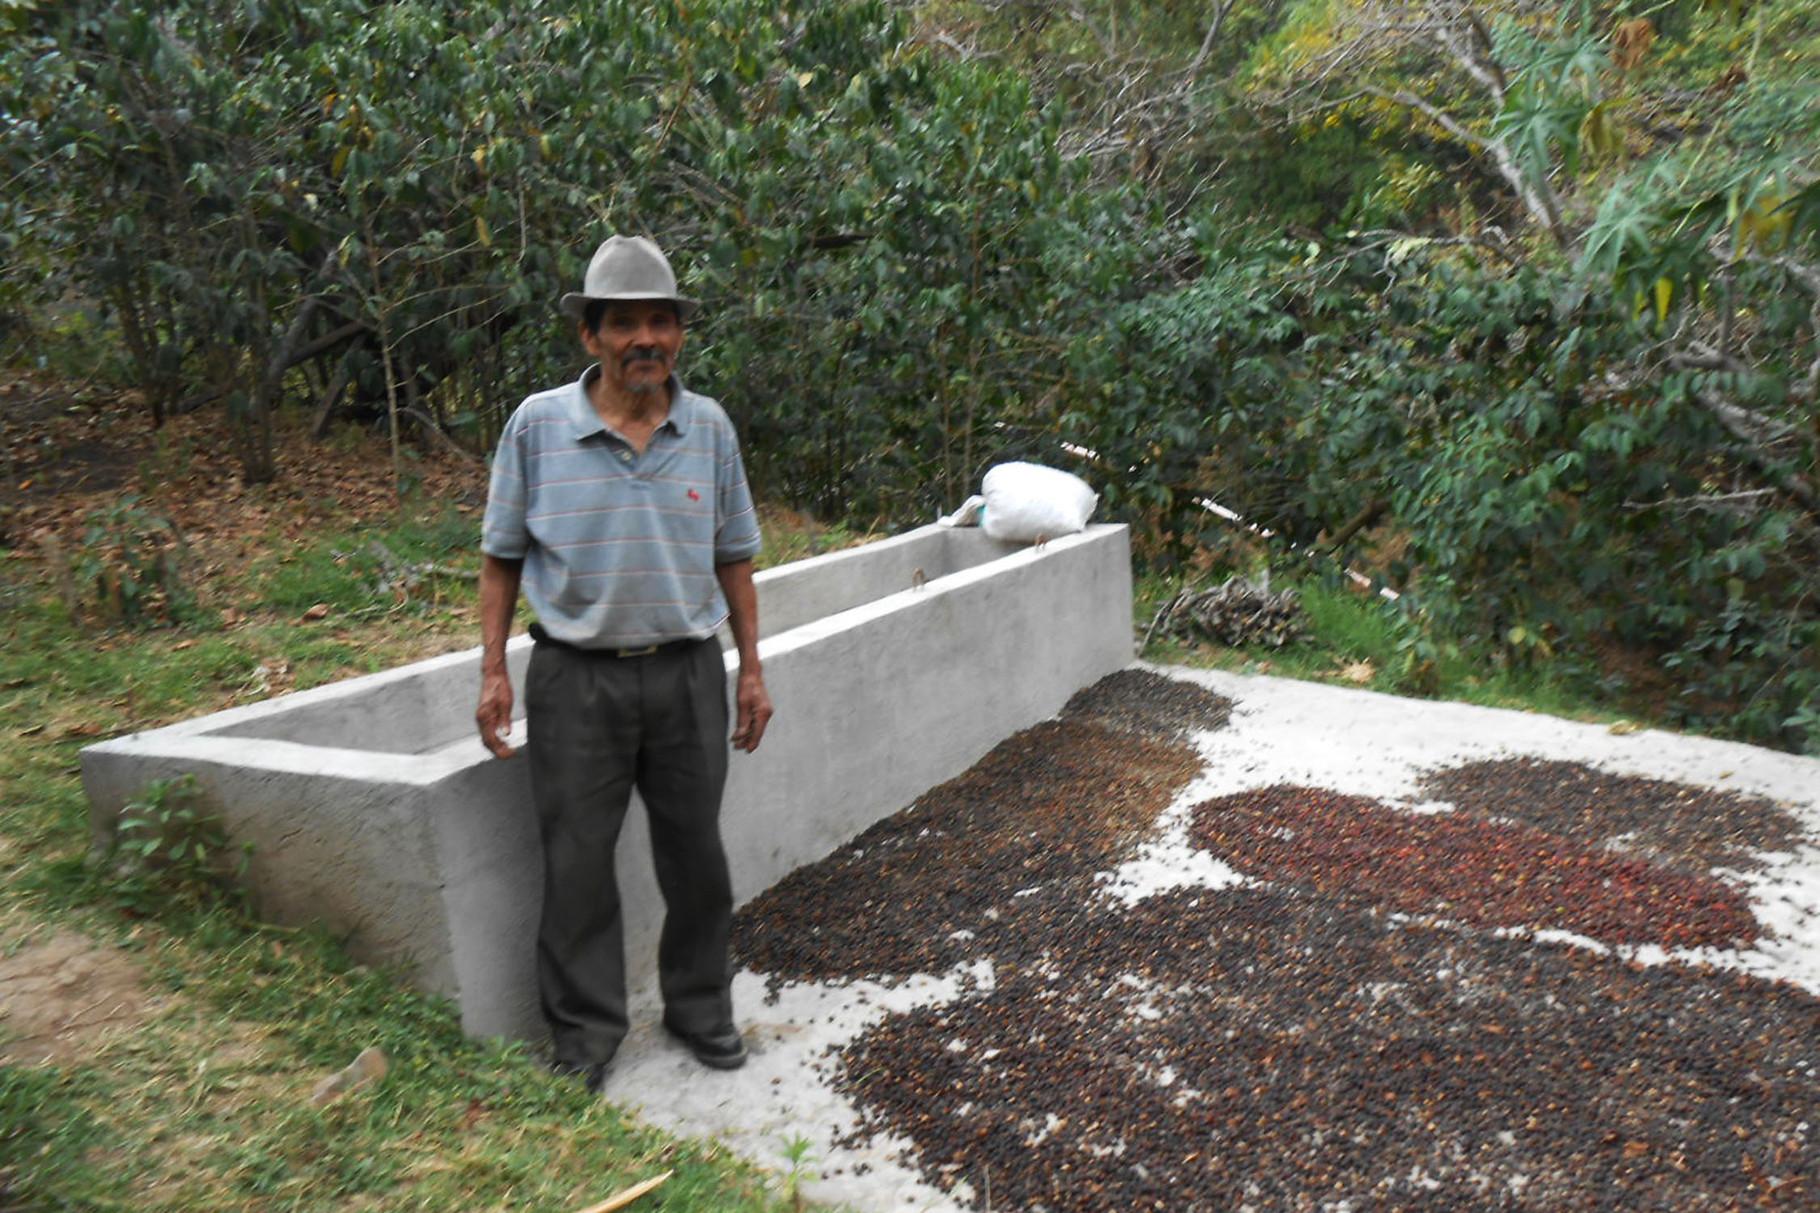 Vicente mit kleiner Menge Natural für den Eigenbedarf